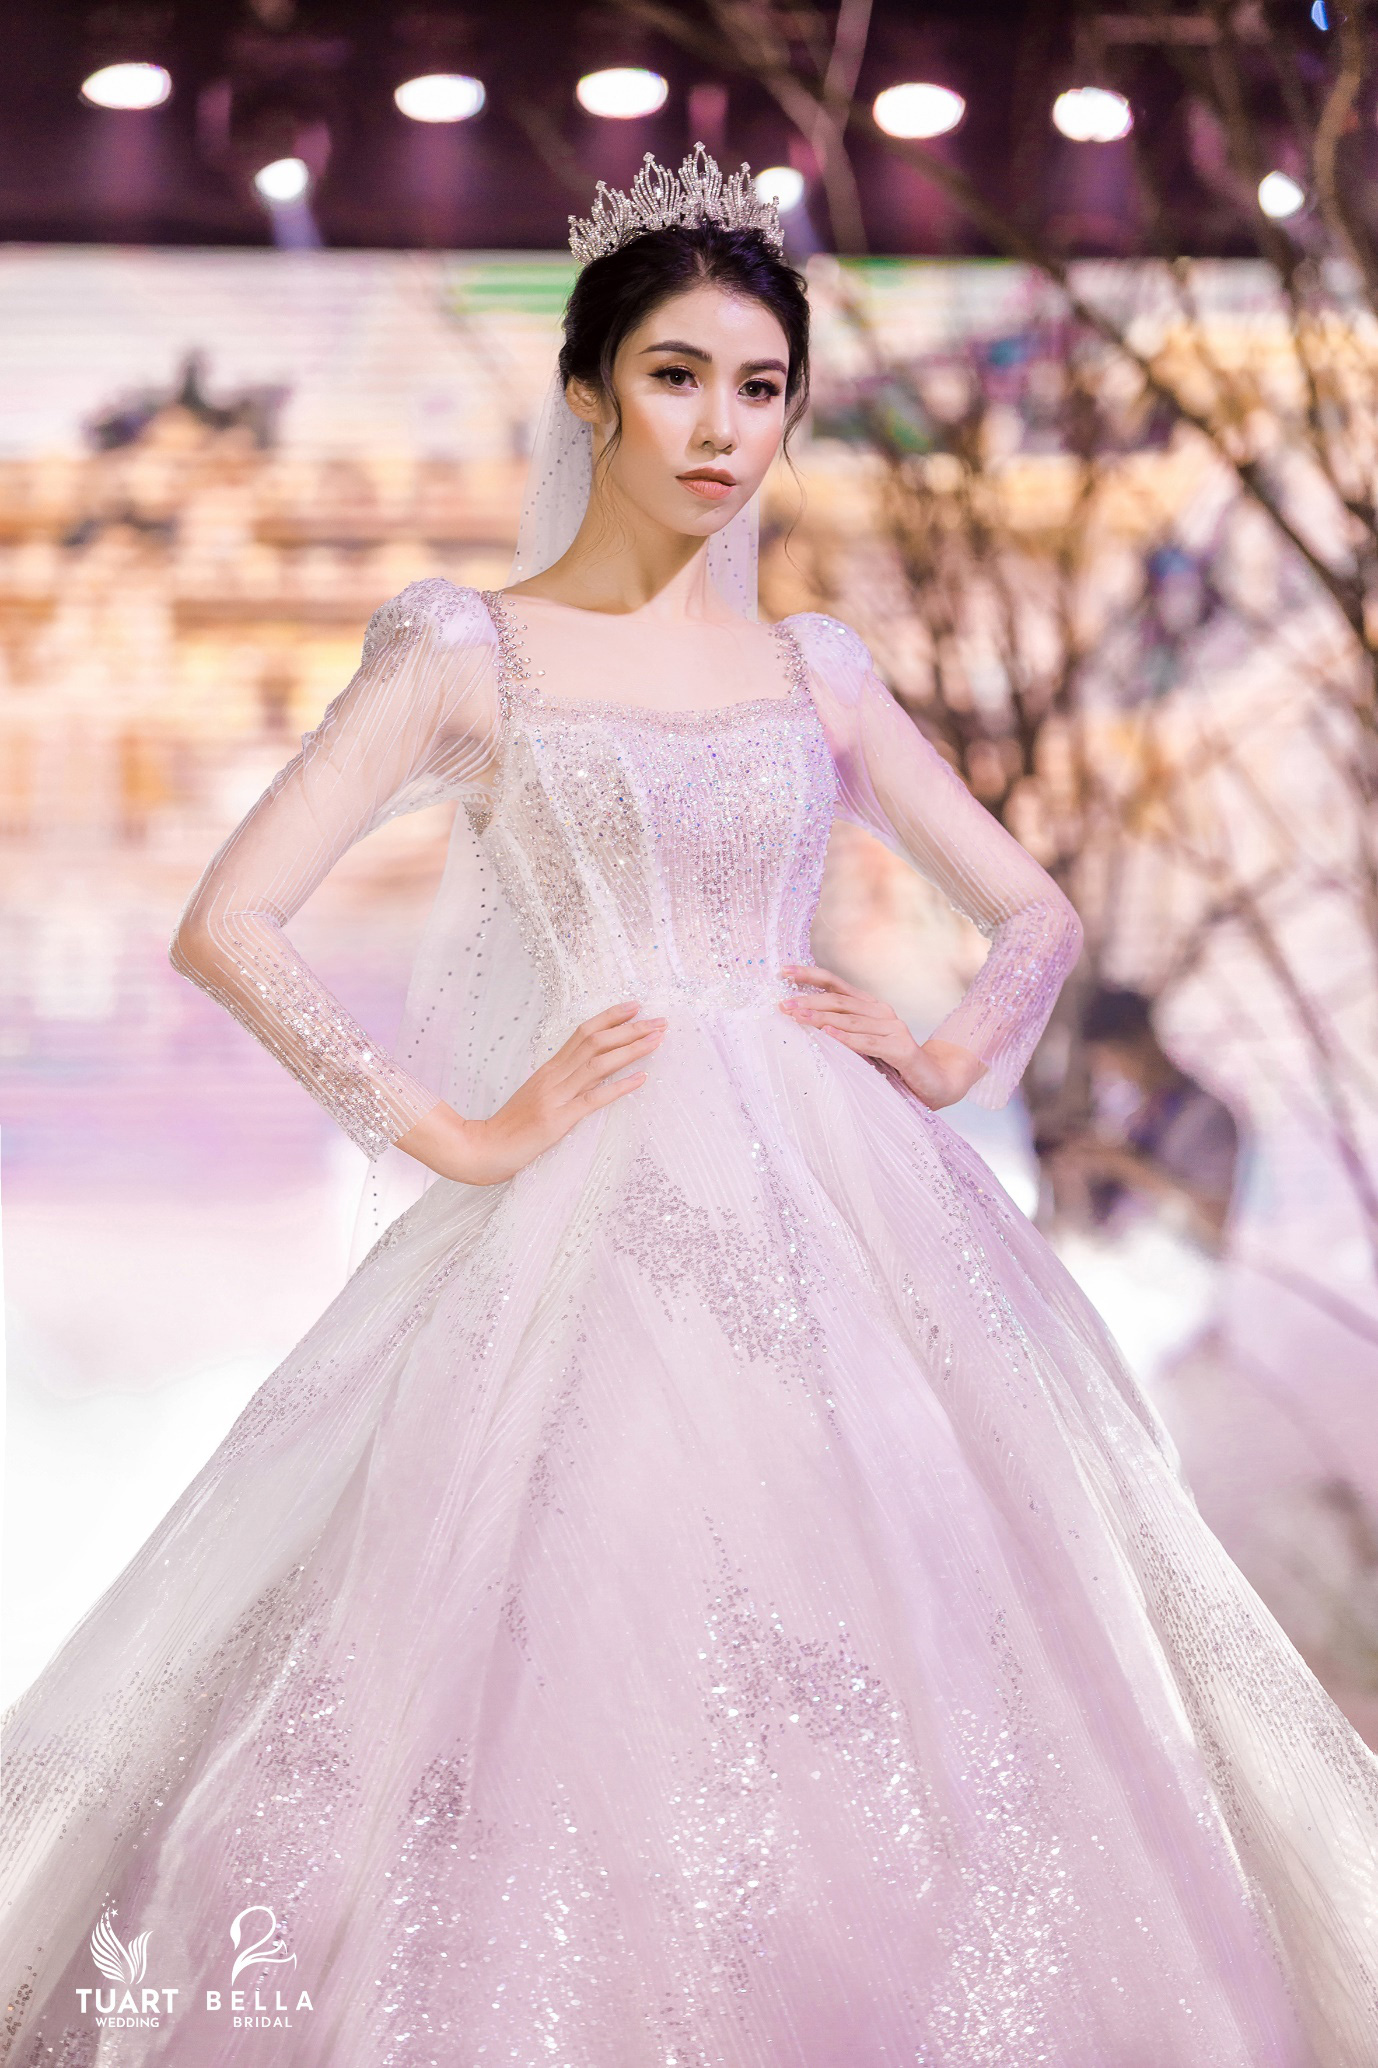 Á hậu Tường San, người mẫu một tay Hà Phương thu hút mọi ánh nhìn trong show diễn váy cưới đỉnh cao Bella Fashion Show - Ảnh 6.